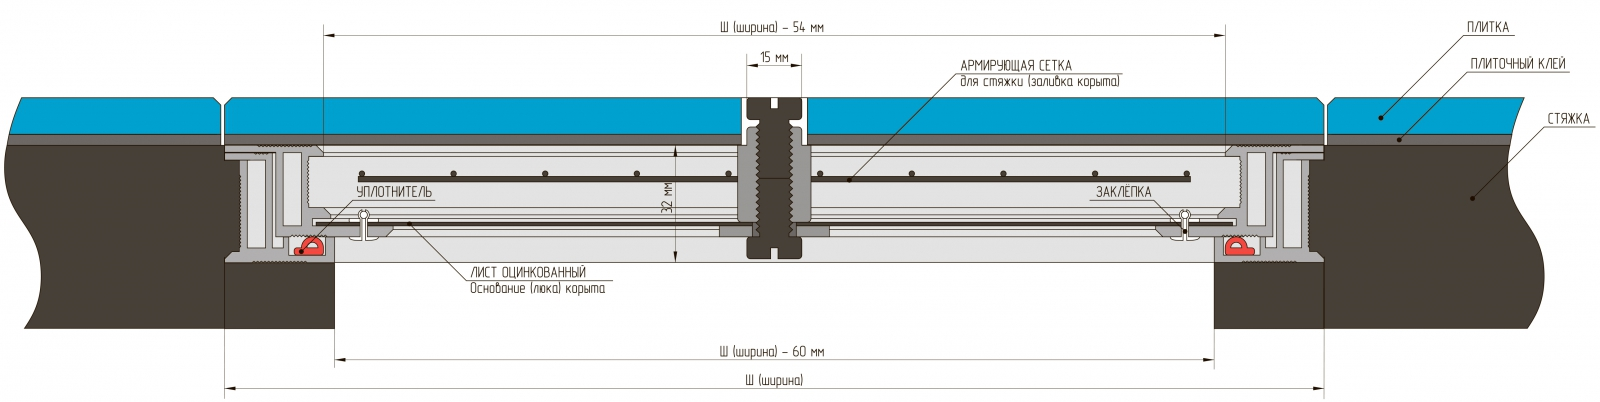 Напольный люк Комфорт (Алкрафт) - схема установки